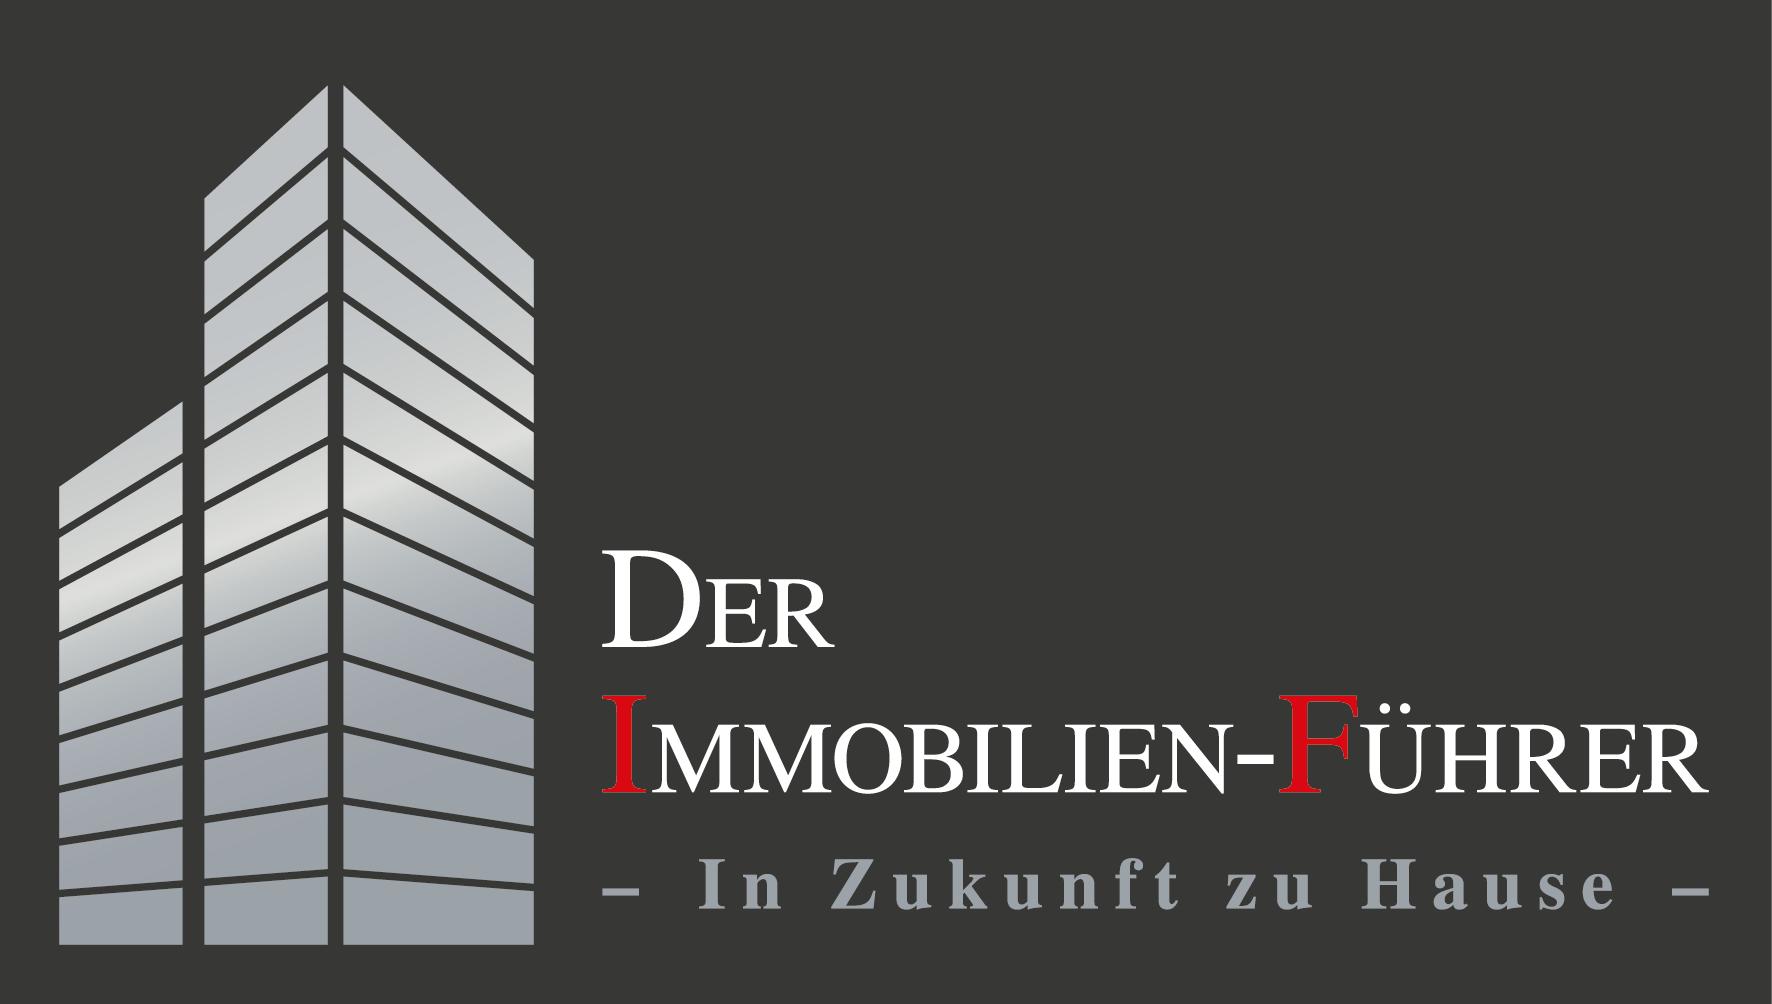 Immobilien-Führer